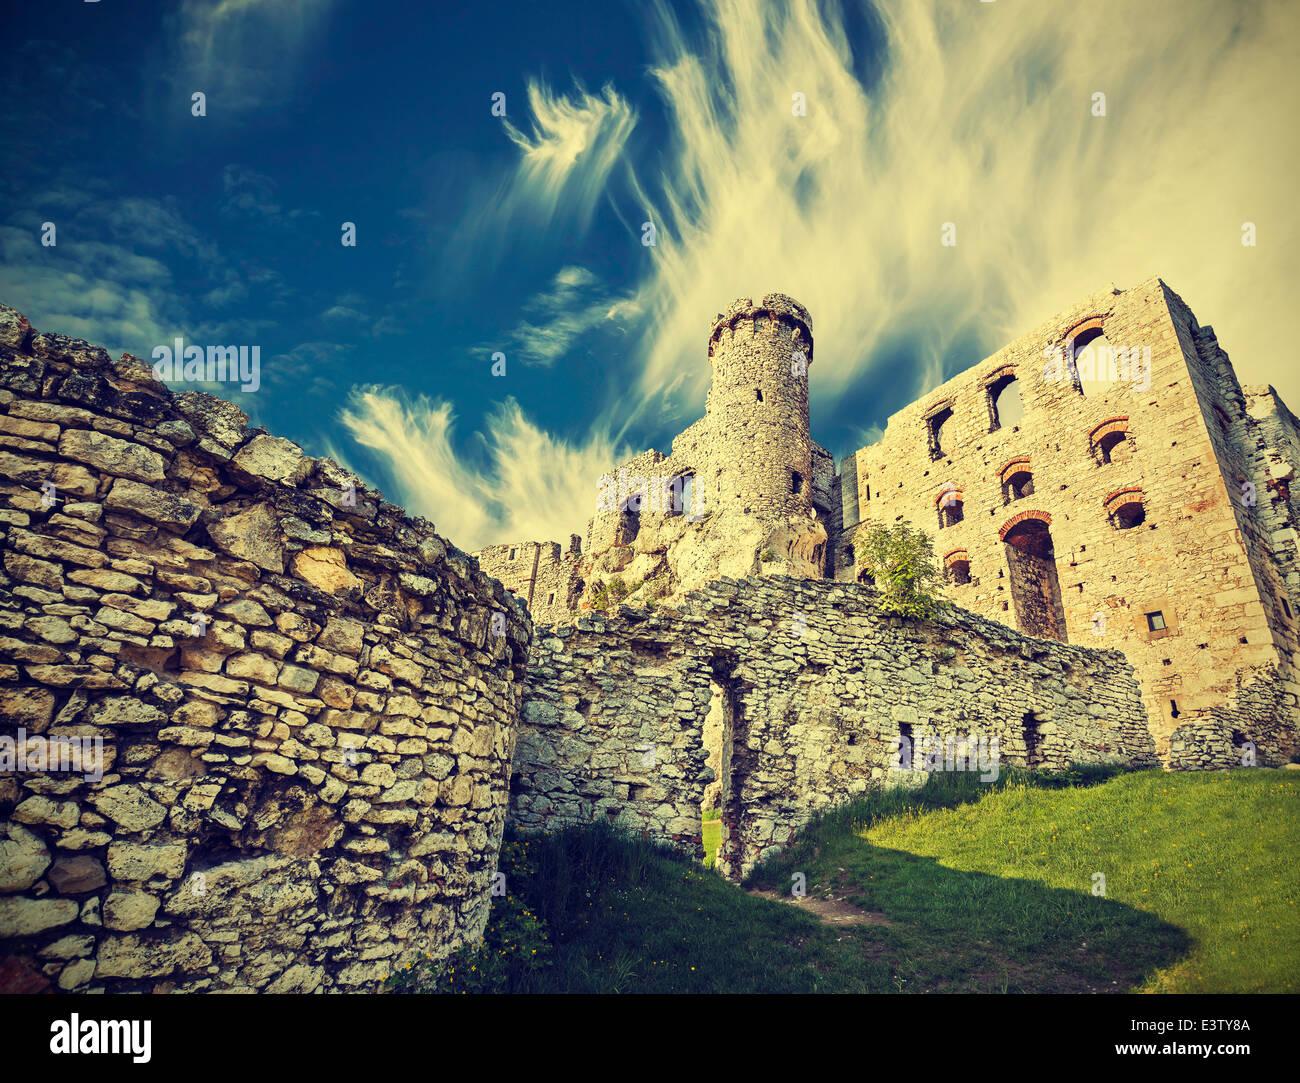 Estilo retro Vintage ruinas del castillo. Imagen De Stock